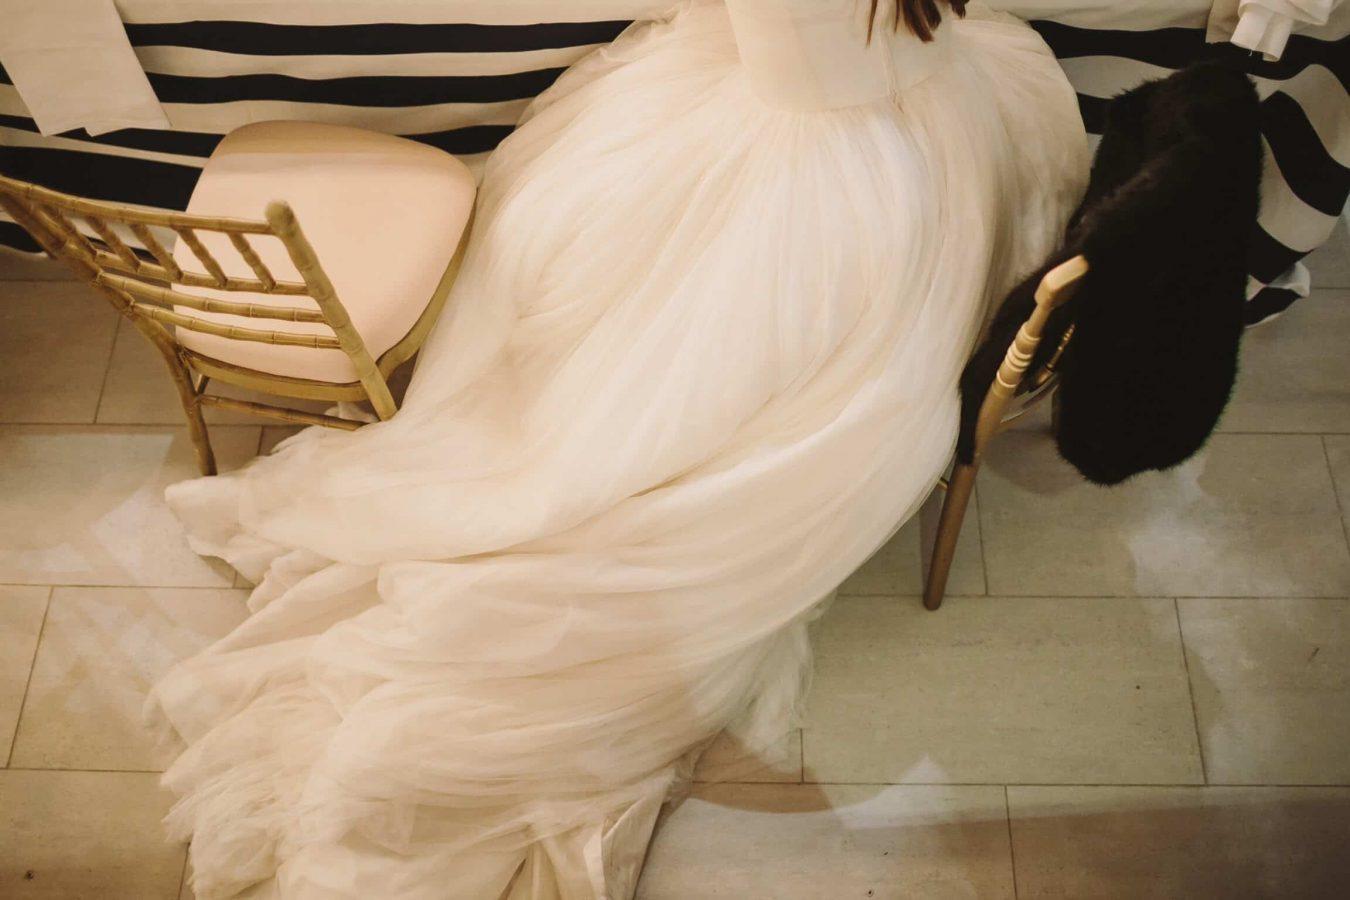 boda-marinera-en-santander-vestido-de-novia www.bodasdecuento.com